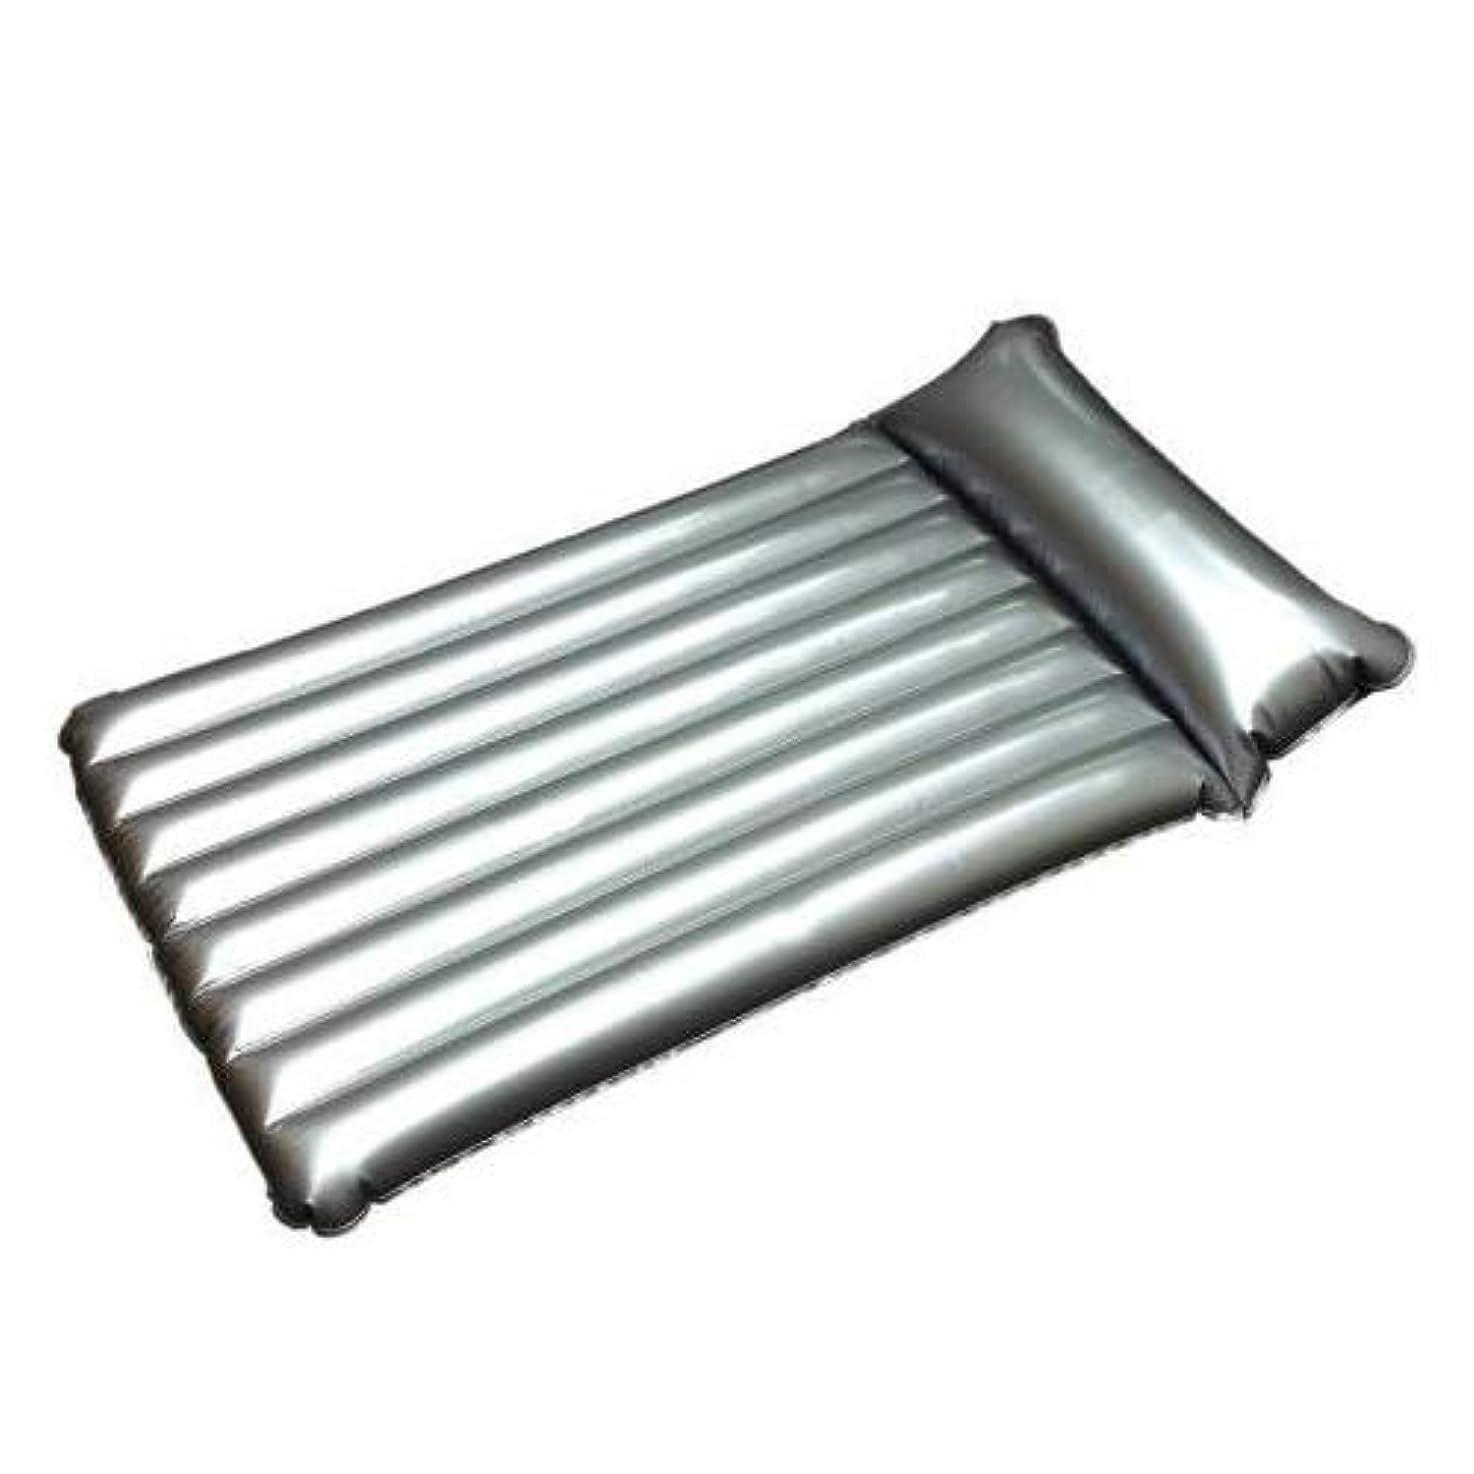 熱心なタール圧縮する業務用本格エアーマットシルバー 8山両枕 mat-8sww│業務用マットエアマット